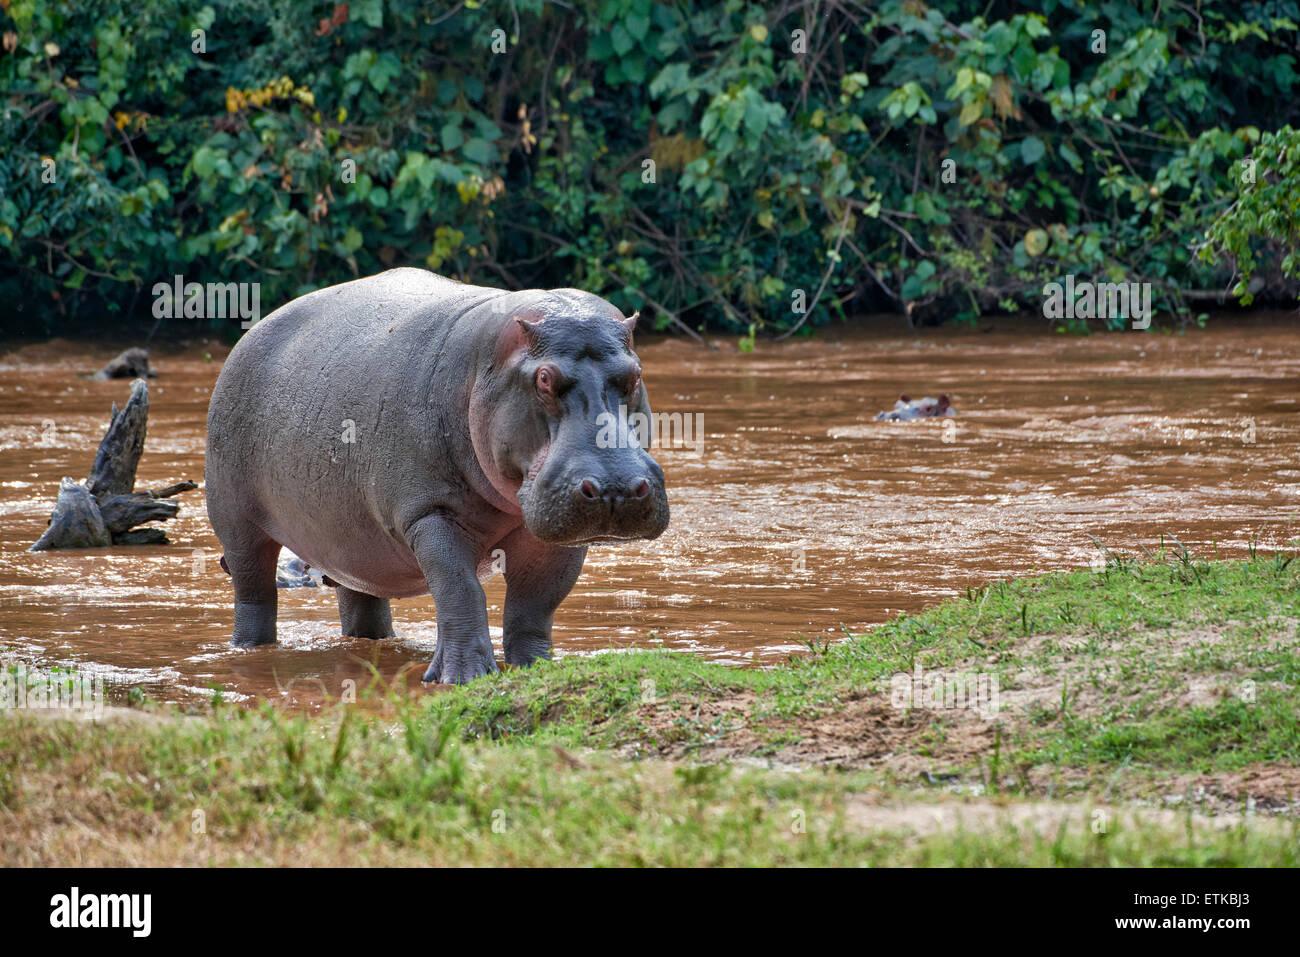 Hippopotamus, Hippopotamus amphibius, Ishasha Sector, Queen Elizabeth National Park, Uganda, Africa - Stock Image